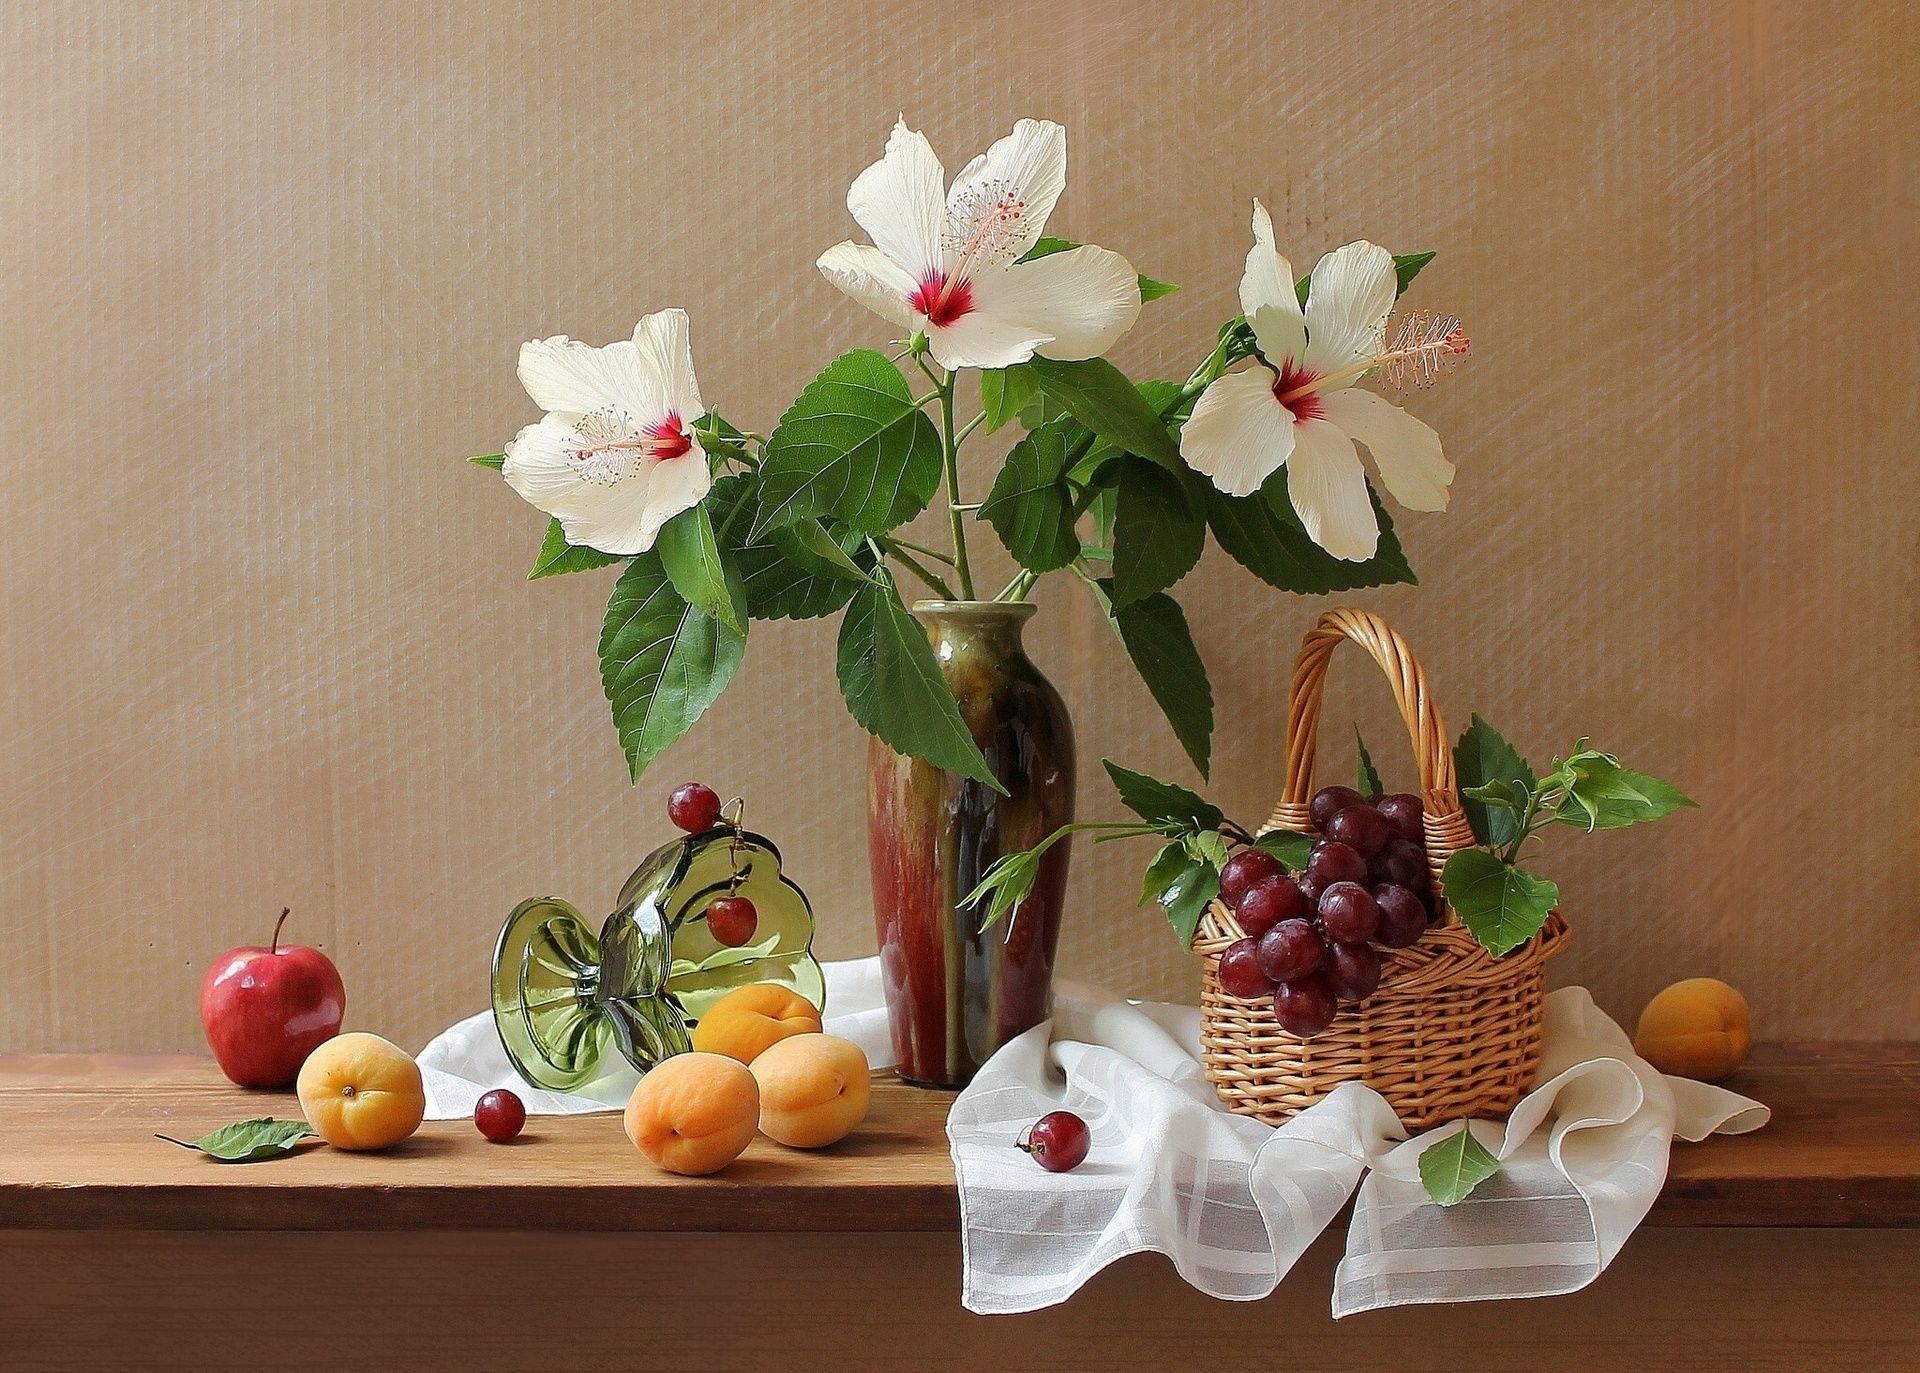 Обои фрукты, натюрморт, кубок, яблоки, цветы. Разное foto 16